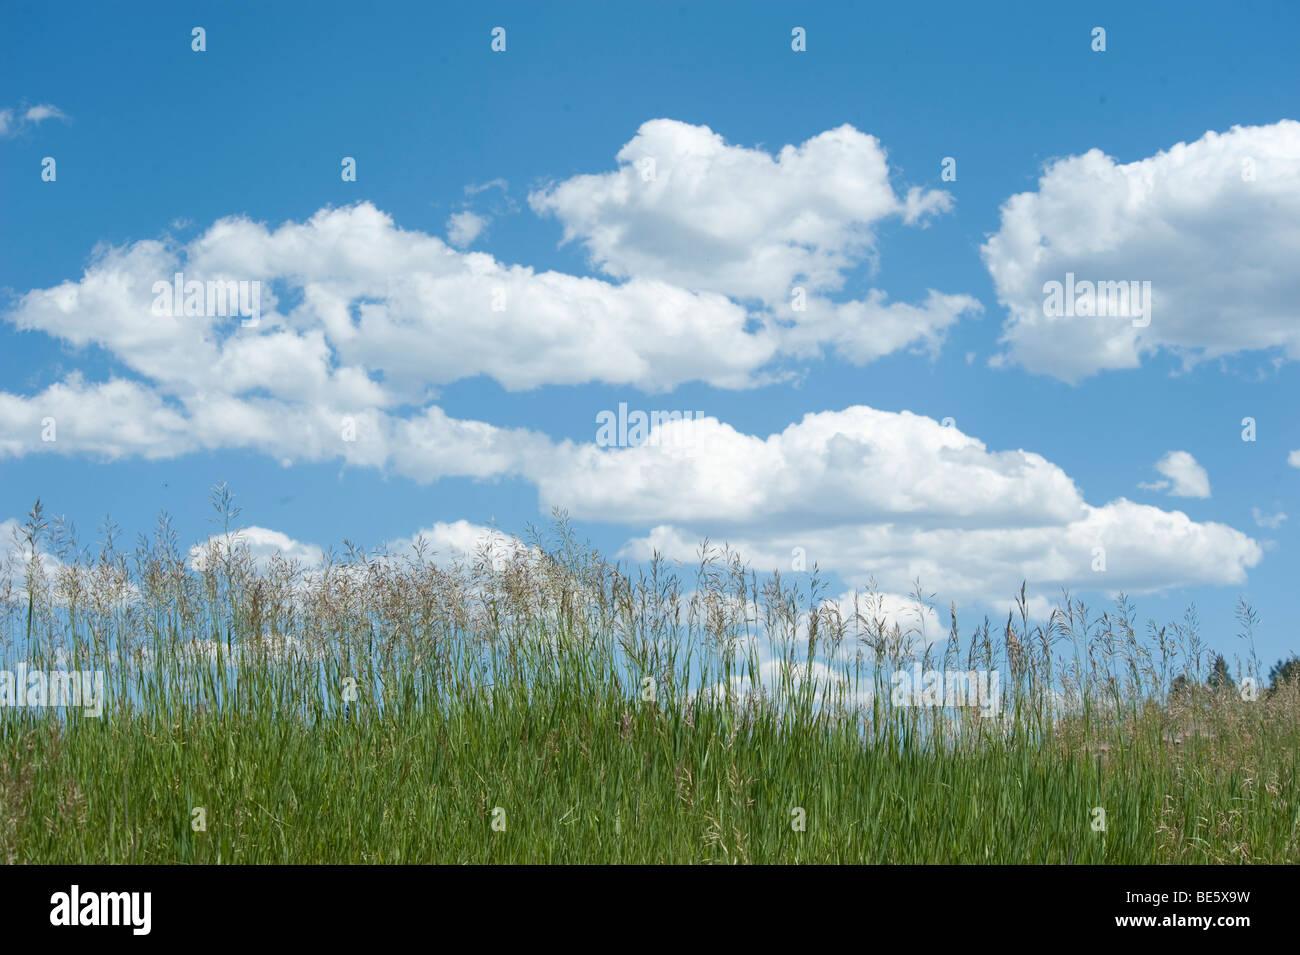 Cumulus-Wolken in klaren blauen Himmel mit Rasen im Vordergrund Stockbild